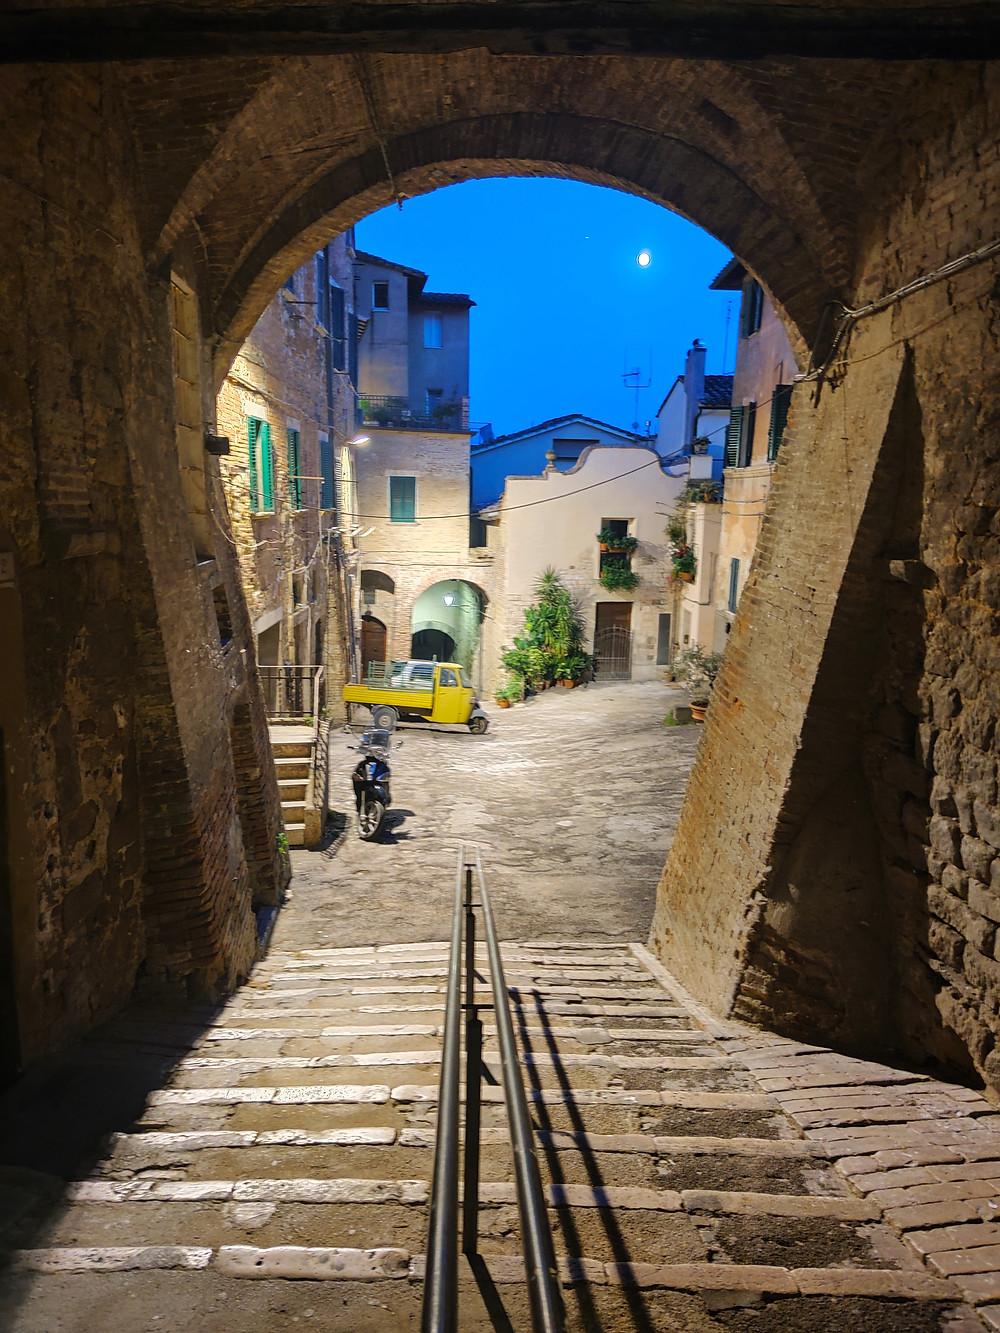 Via della Viola, Perugia, Umbria